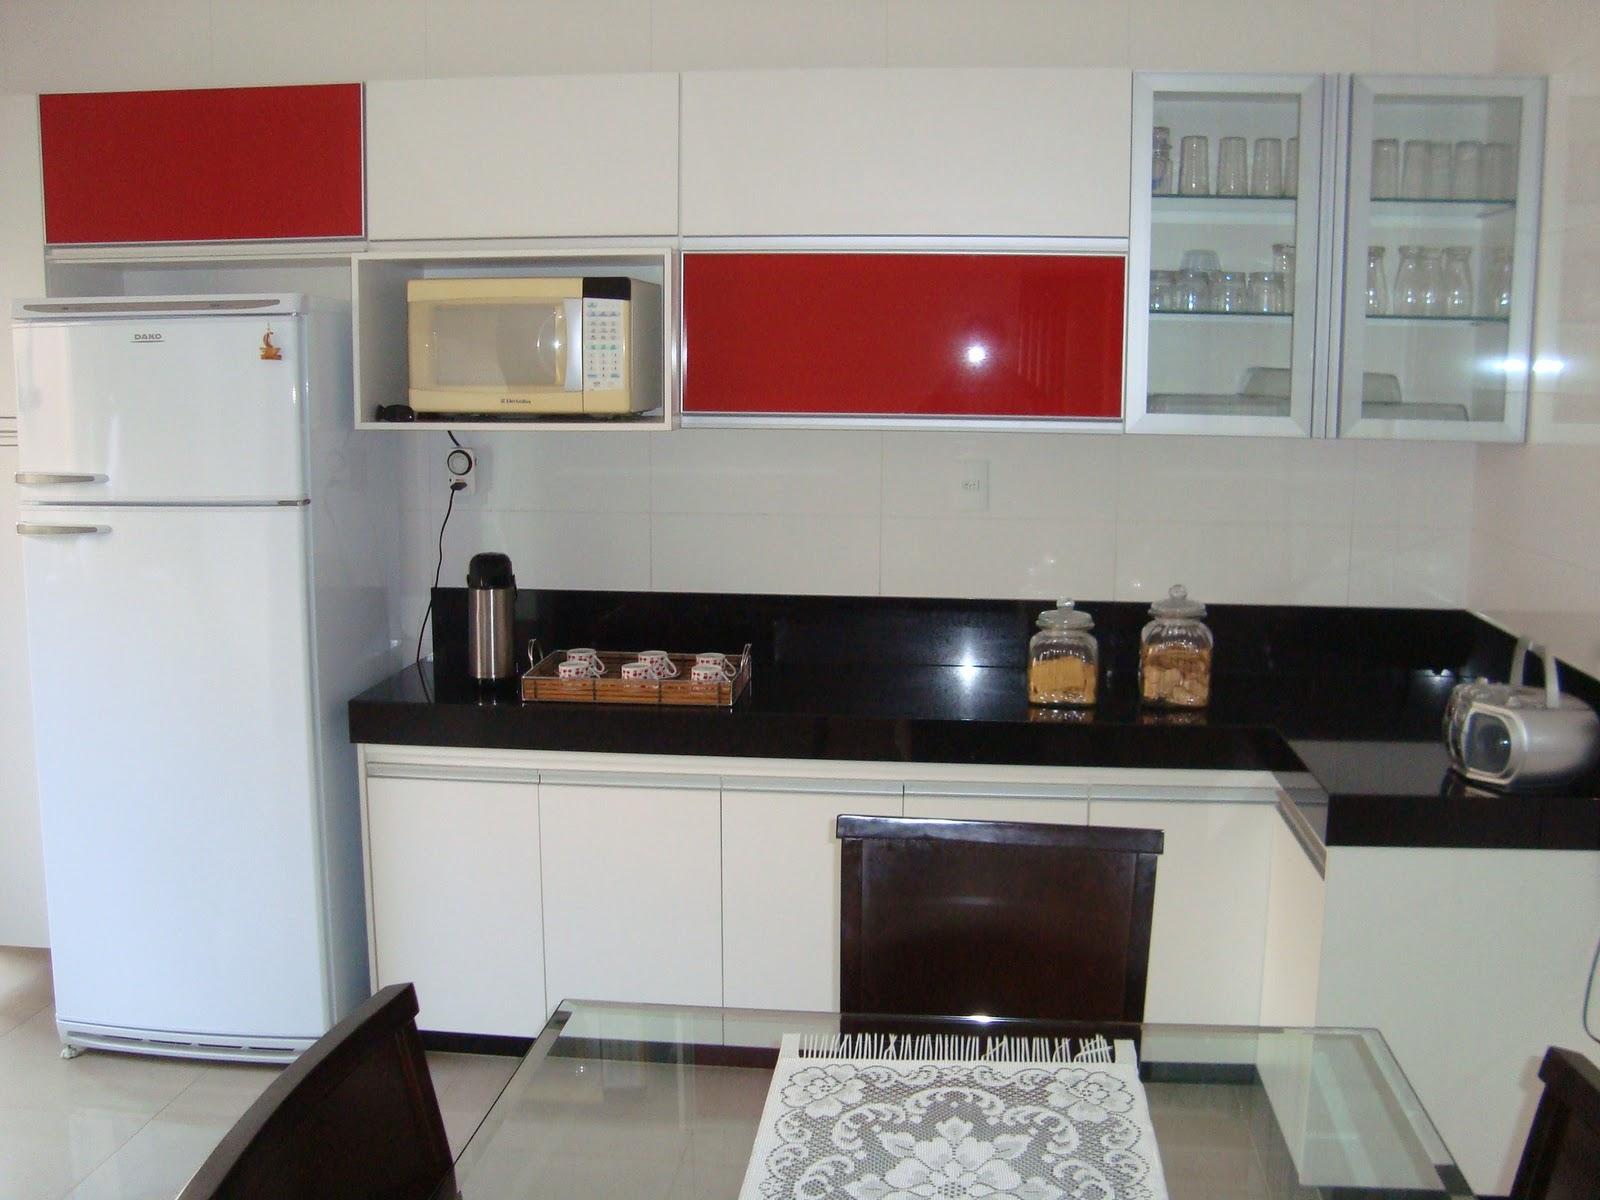 #86211F  Móveis Planejados: Cozinha em MDF Branco Detalhes em Vidro Vermelho 1600x1200 px Armario De Cozinha Compacto Vermelho #2013 imagens